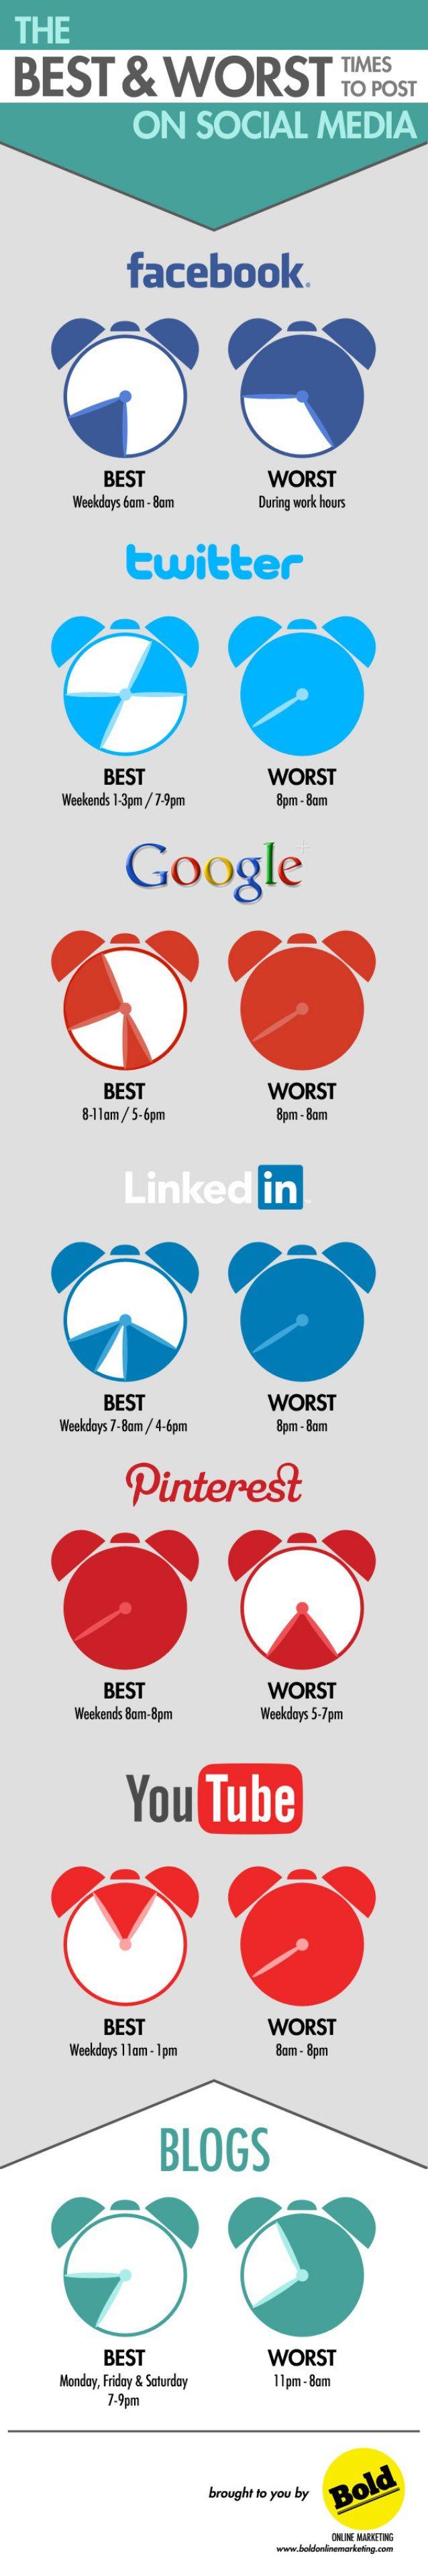 #Social_Media Zeitzonen - Wann ist die richtige Zeit,um die Post zu versenden? Quelle: http://onlinemarketing1day.blogspot.de/2014/05/the-best-and-worst-time-to-post-on.html